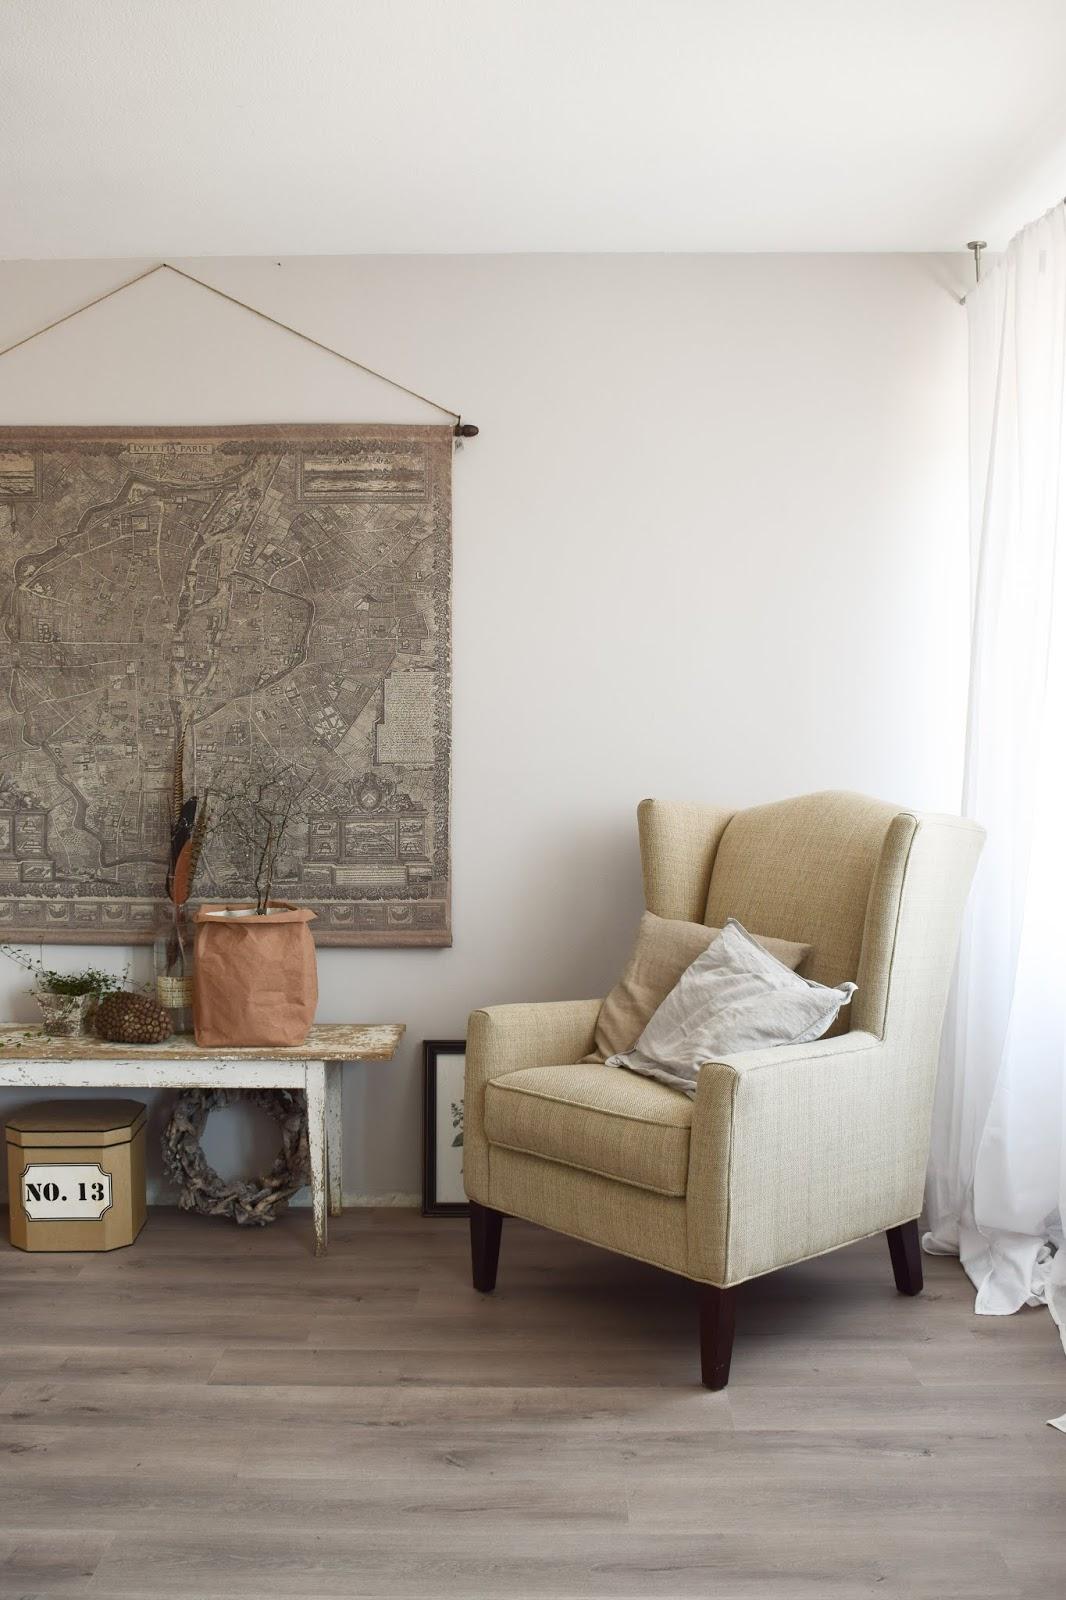 Praktisch aufbewahrt und neu dekoriert: Schlafzimmer Update ...